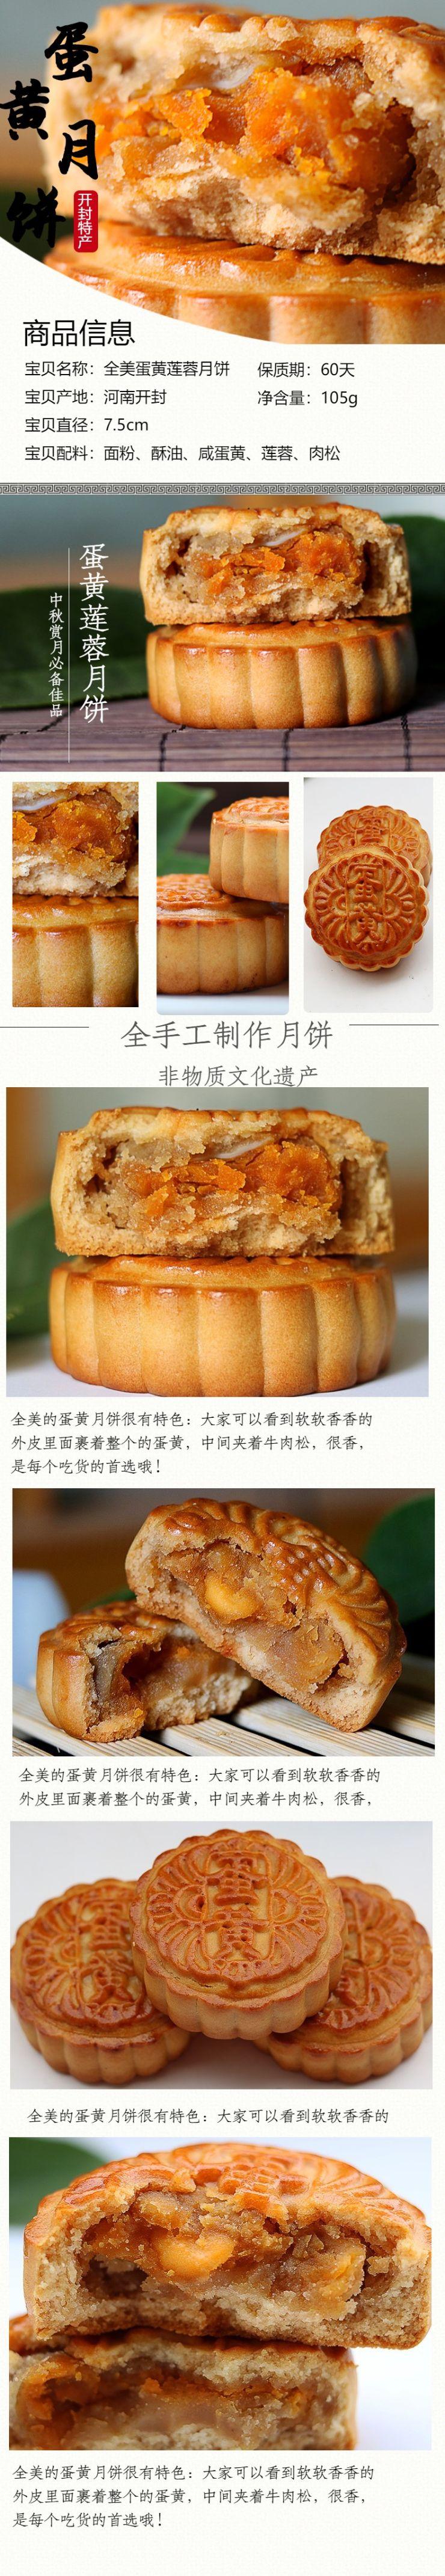 橙色简约大气百货零售零食小吃月饼节日促销电商详情页